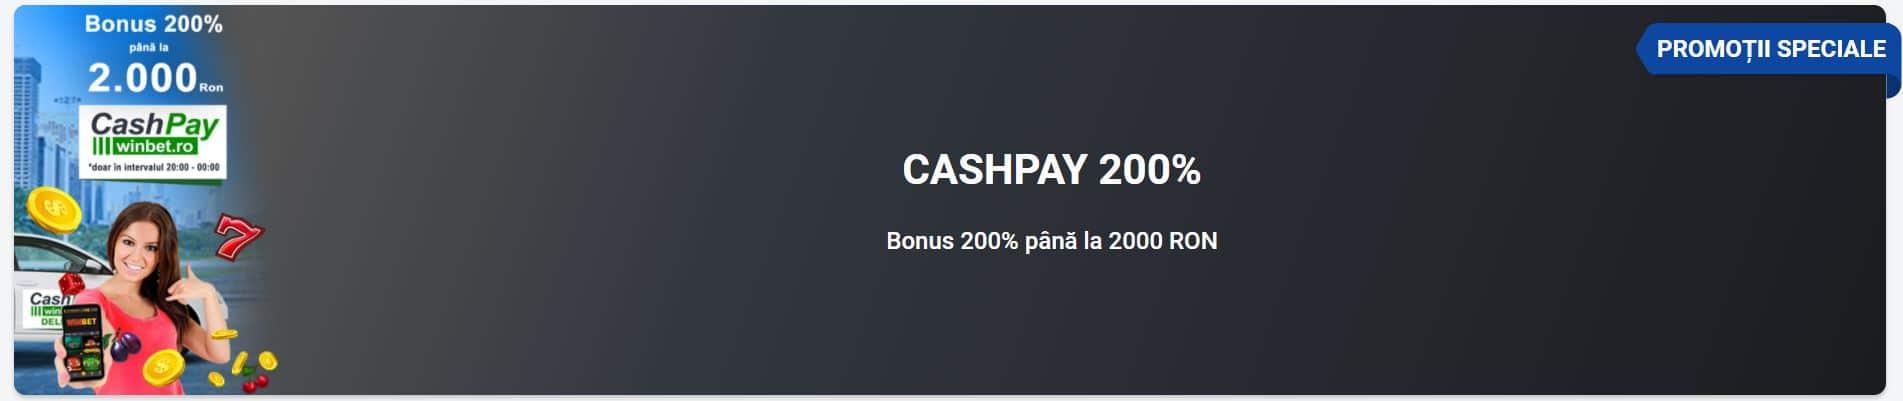 winbet cashpay 200%